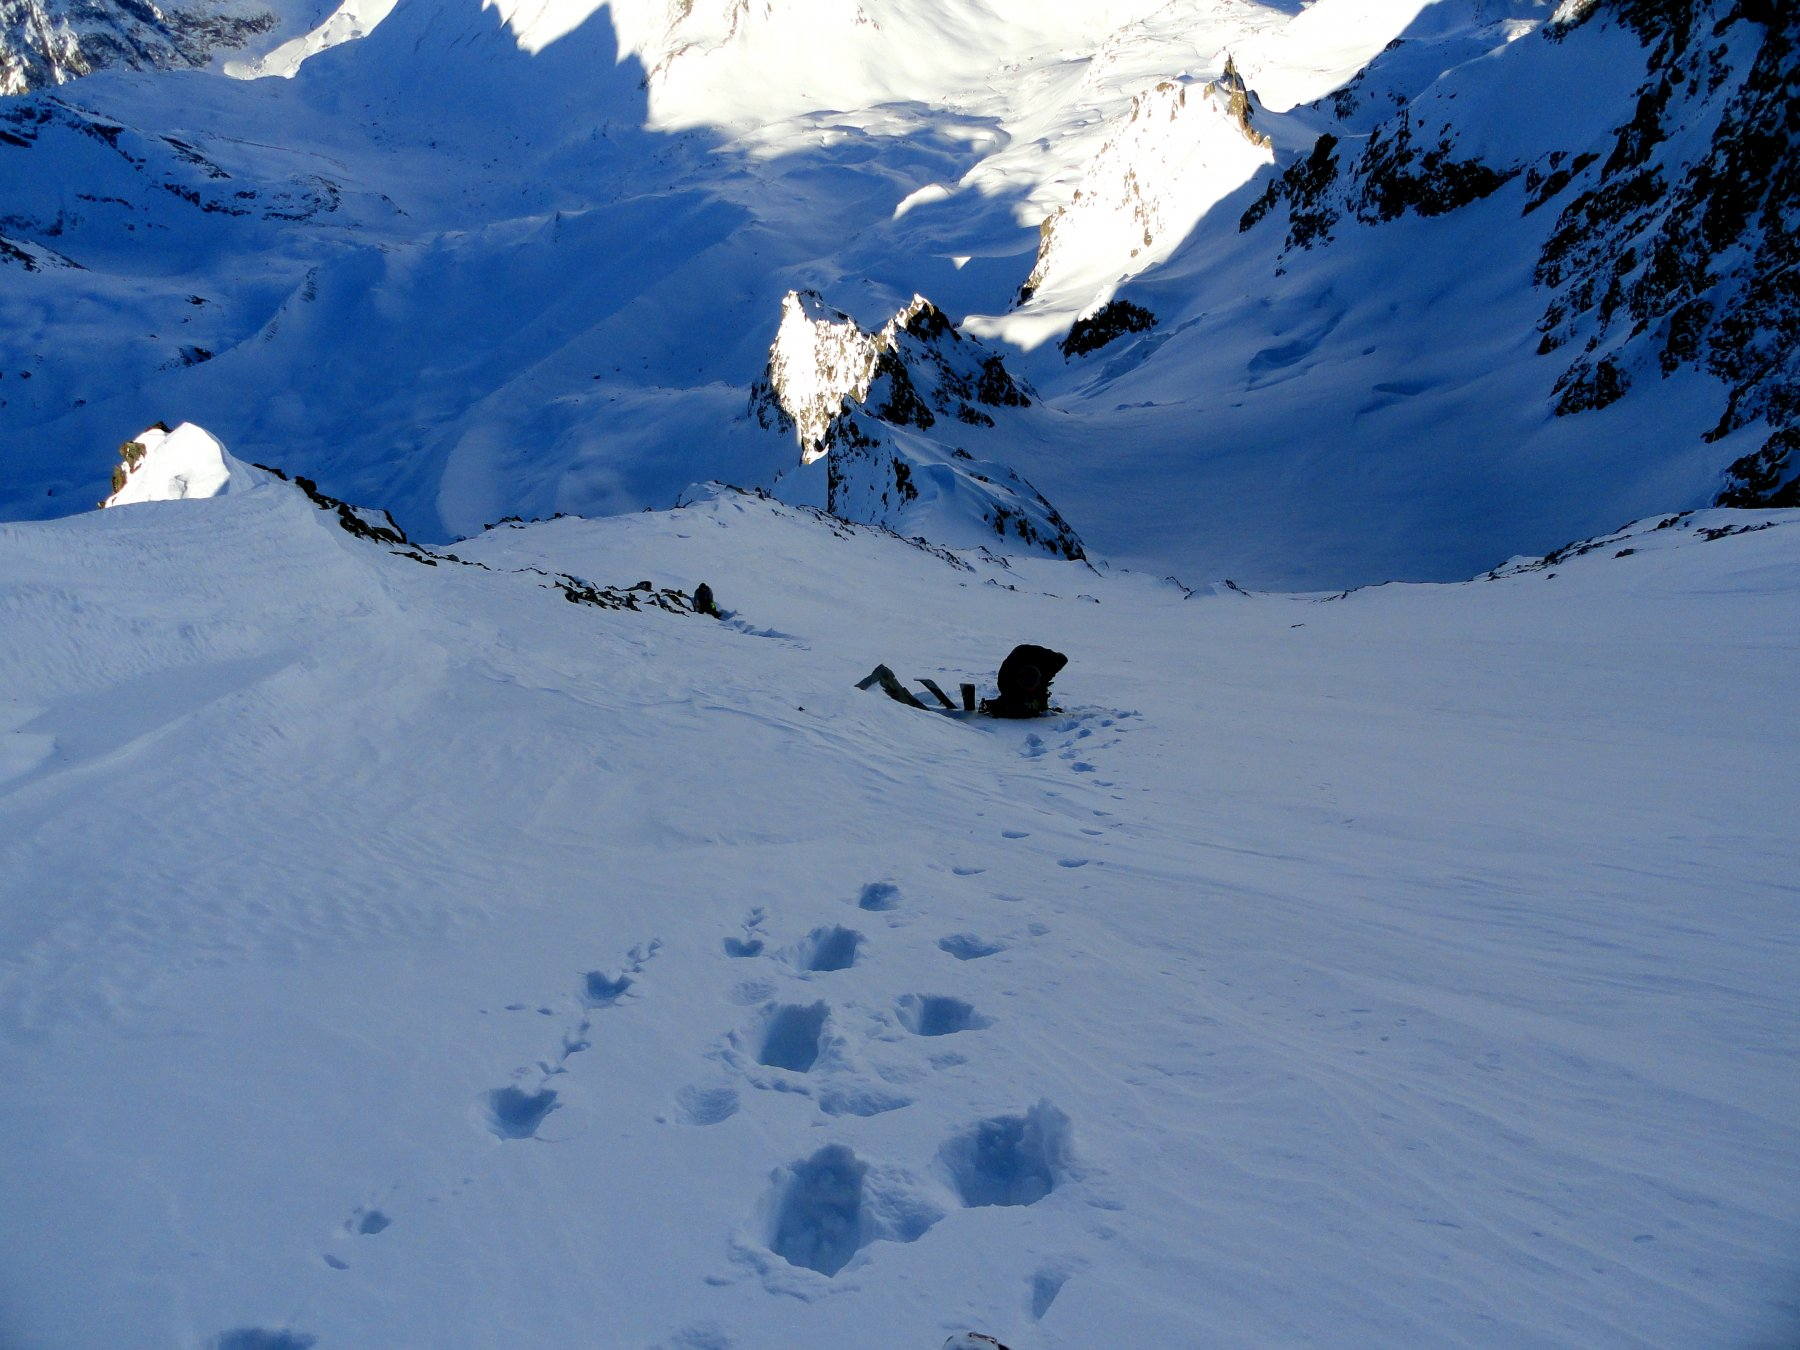 Agneaux (Montagne des) Couloir Piaget 2019-12-30